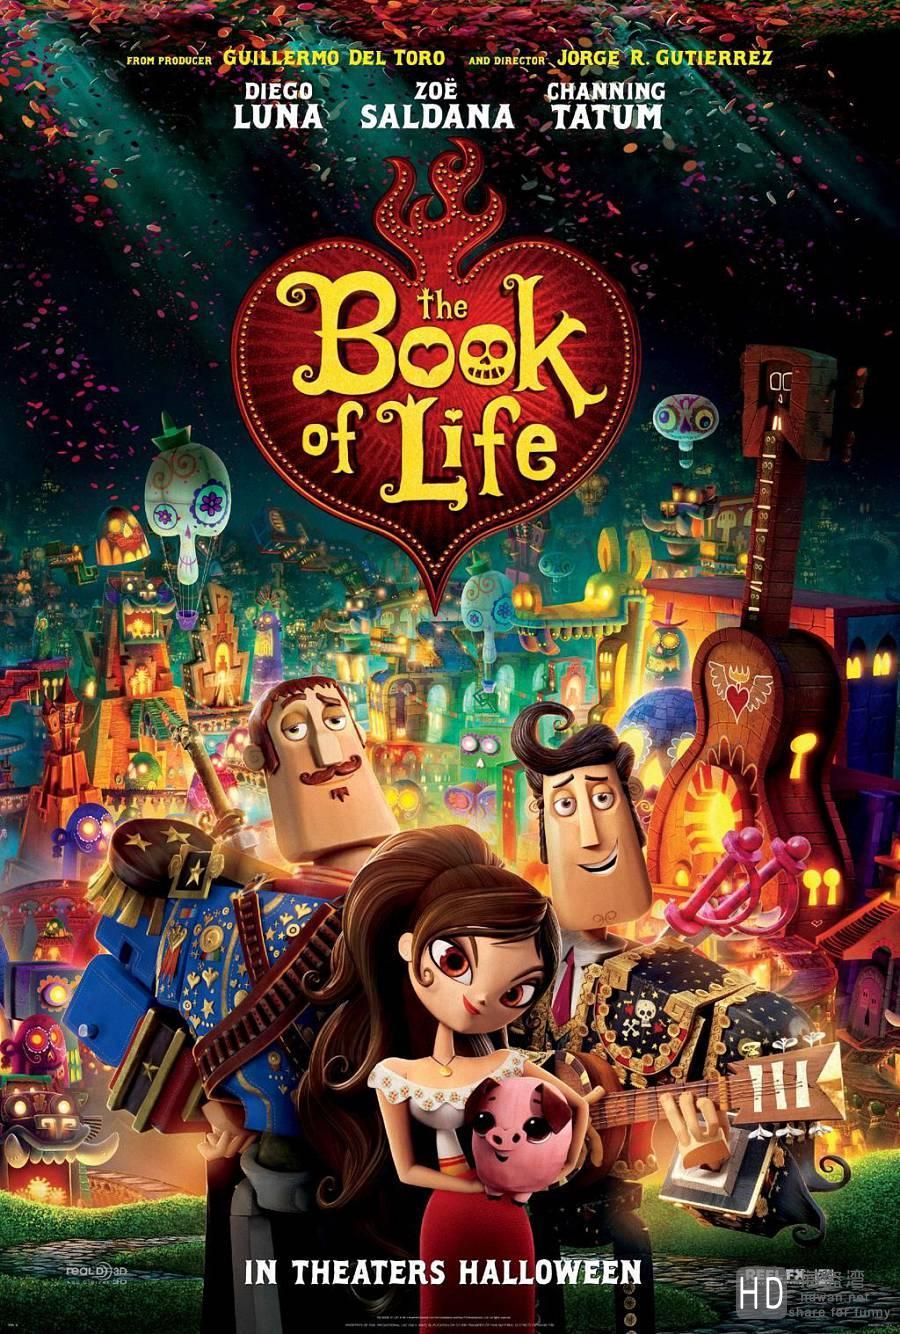 [2014][美国][生命之书 The Book of Life][DVD/MKV/BT下载]